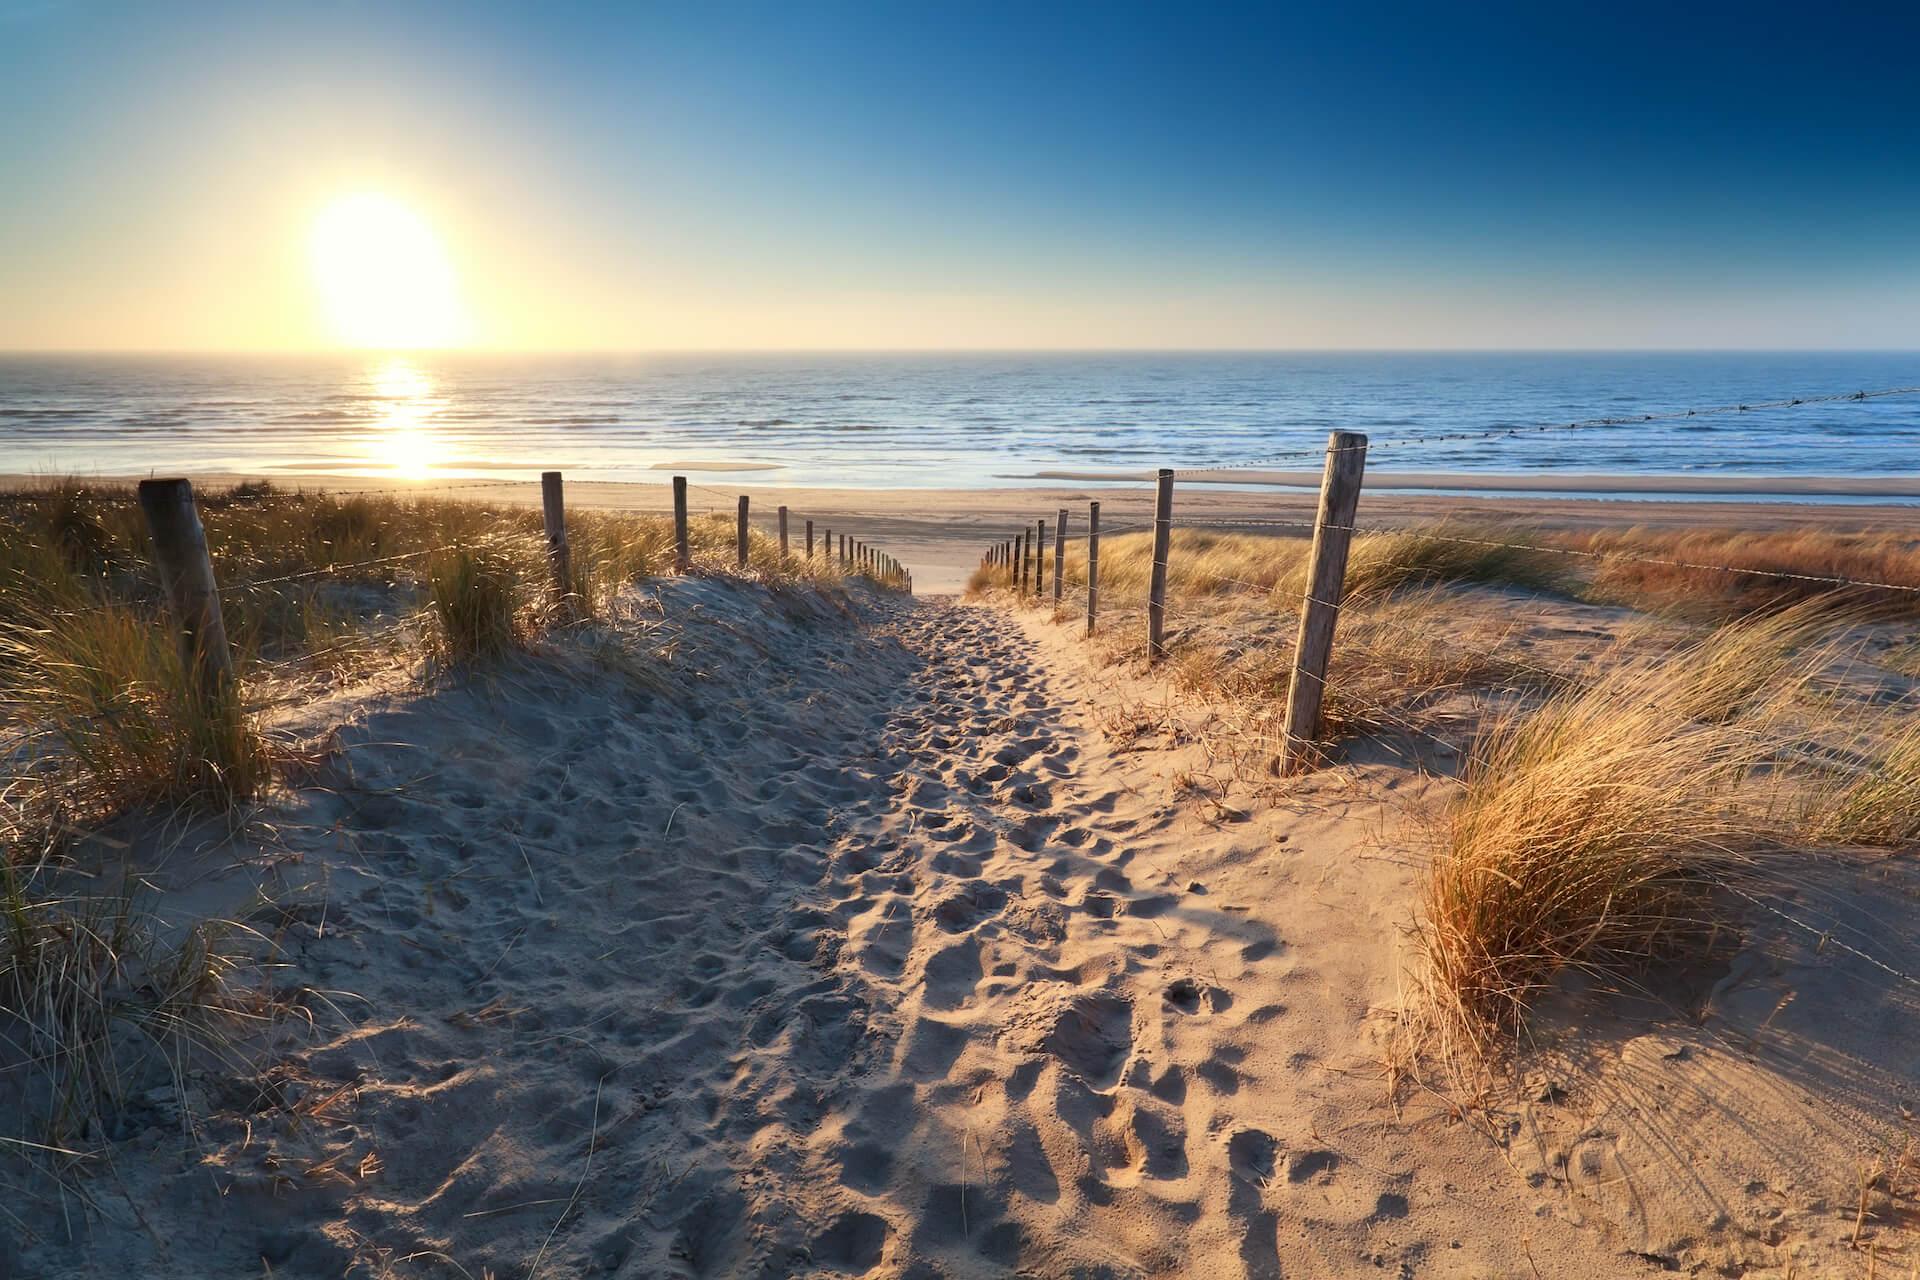 Dit zijn de 10 leukste Nederlandse badplaatsen + strand tips!